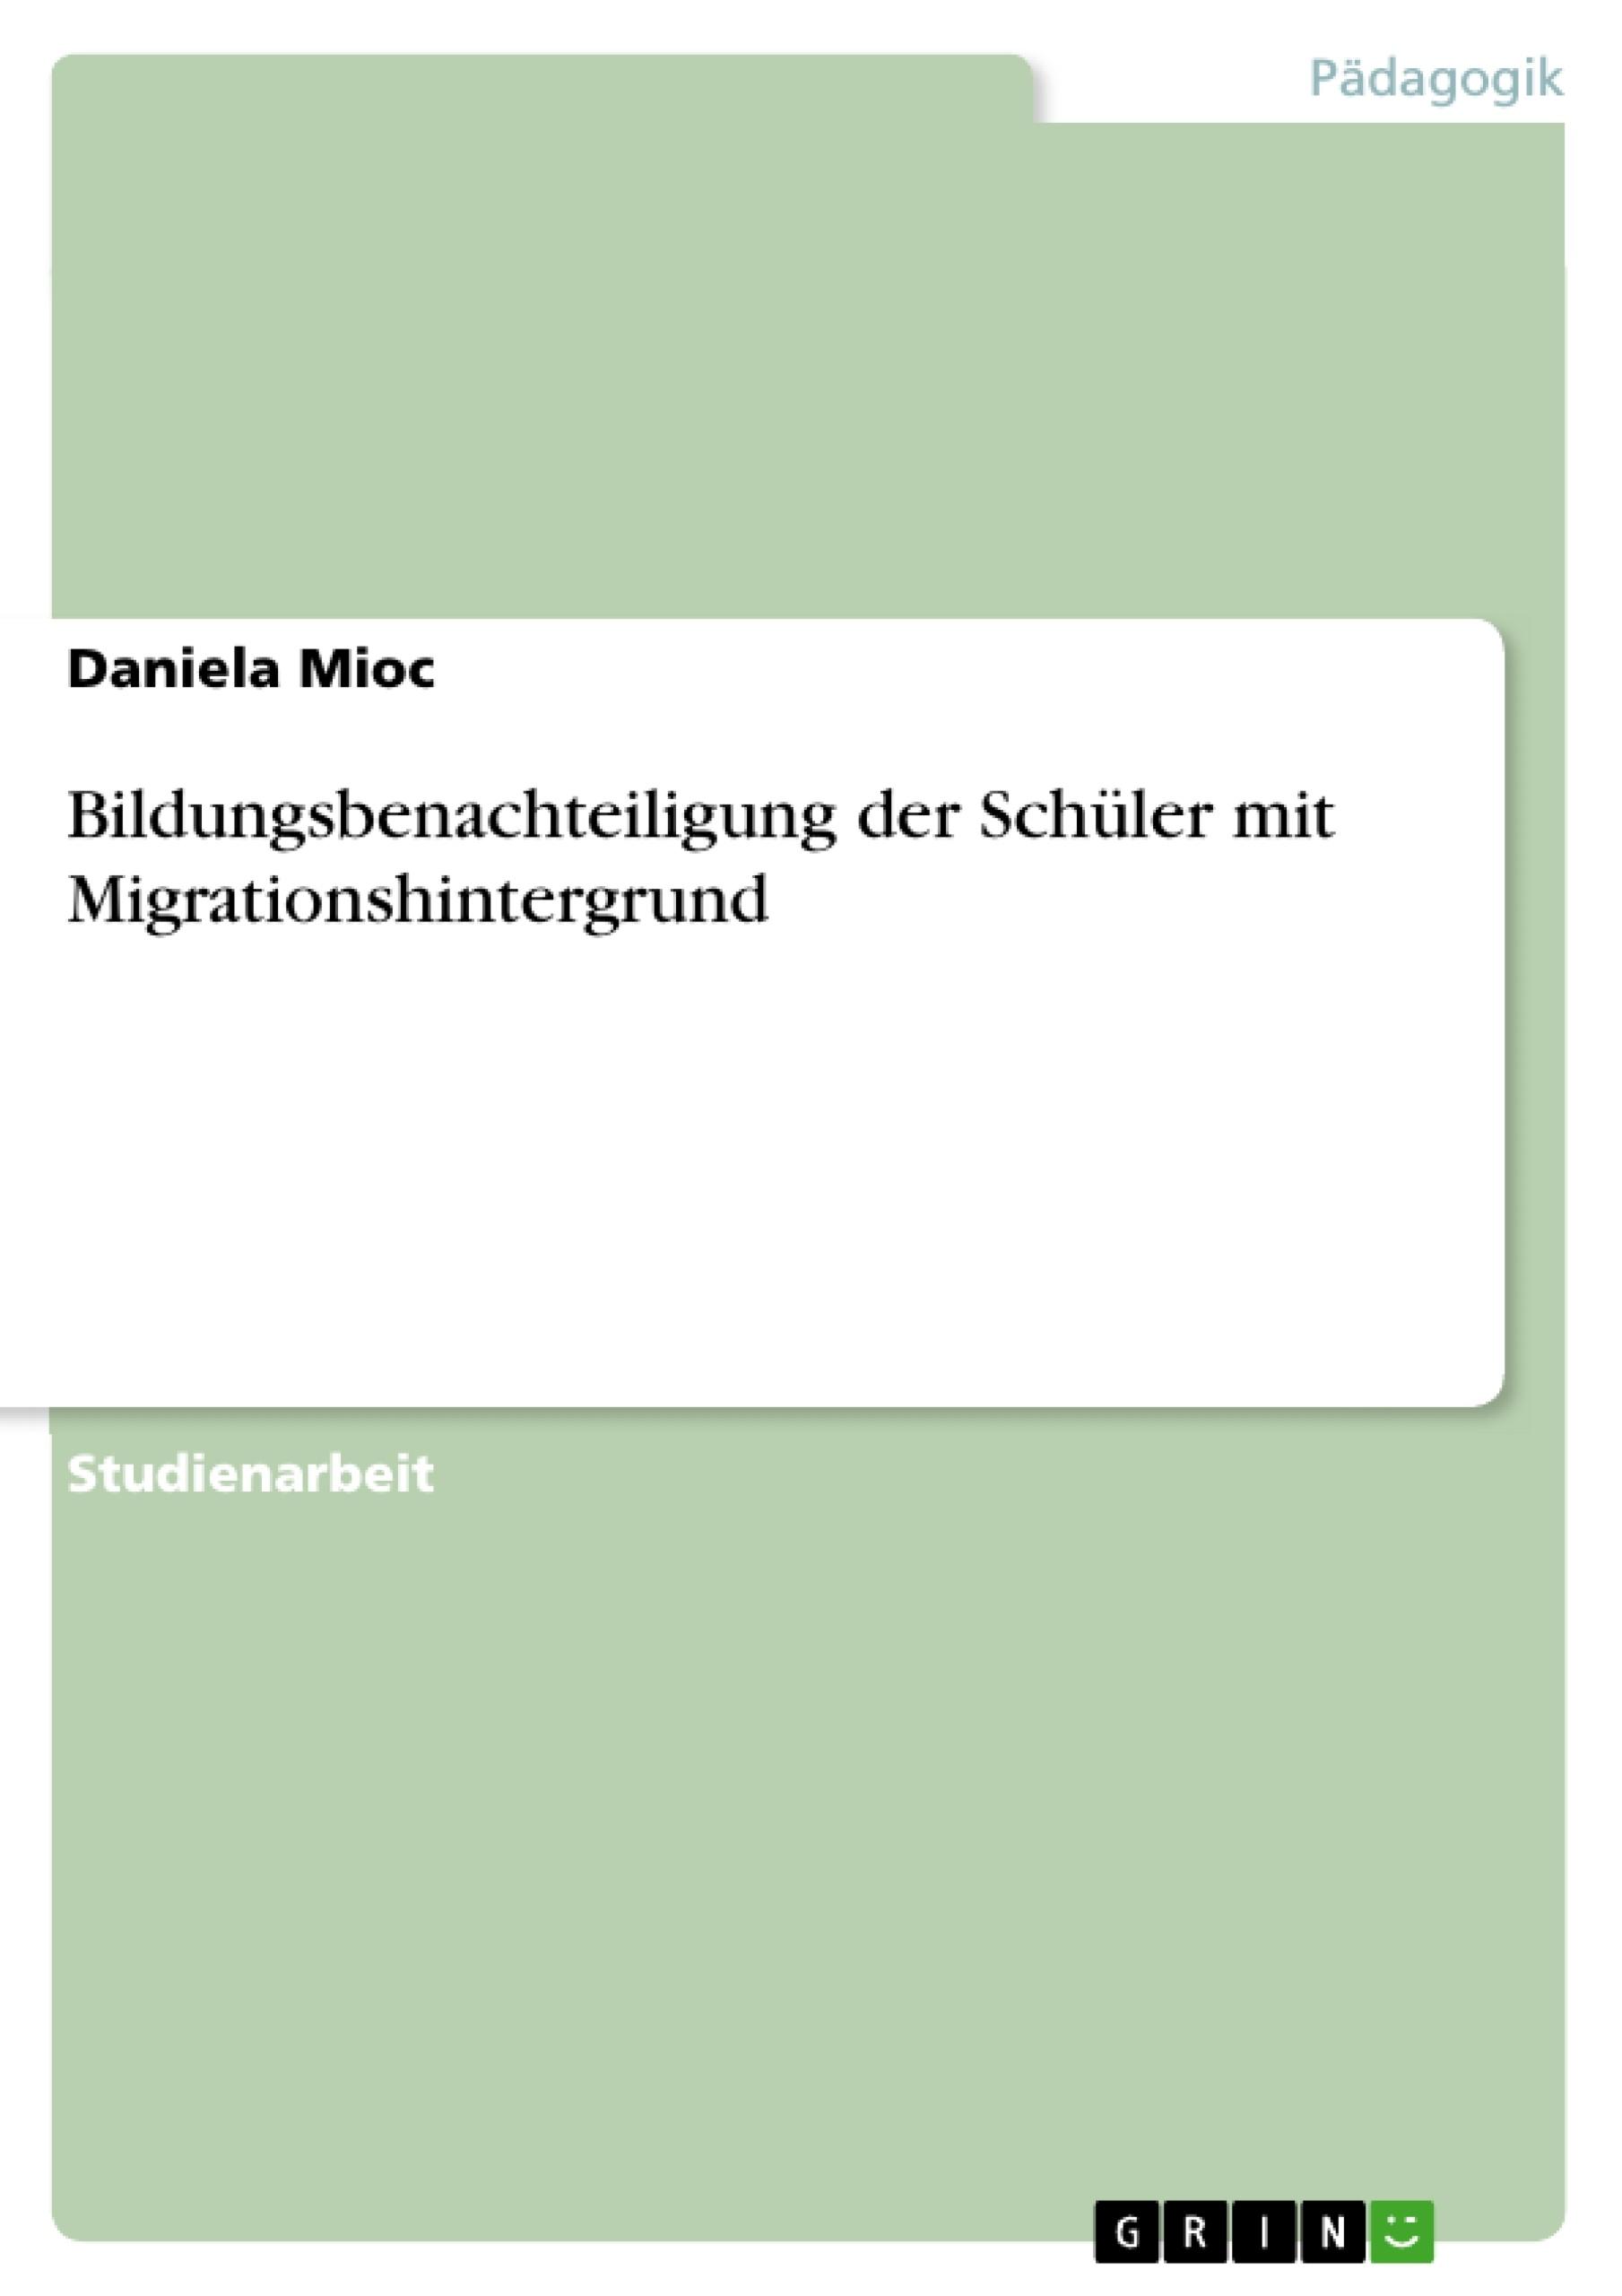 Titel: Bildungsbenachteiligung der Schüler mit Migrationshintergrund